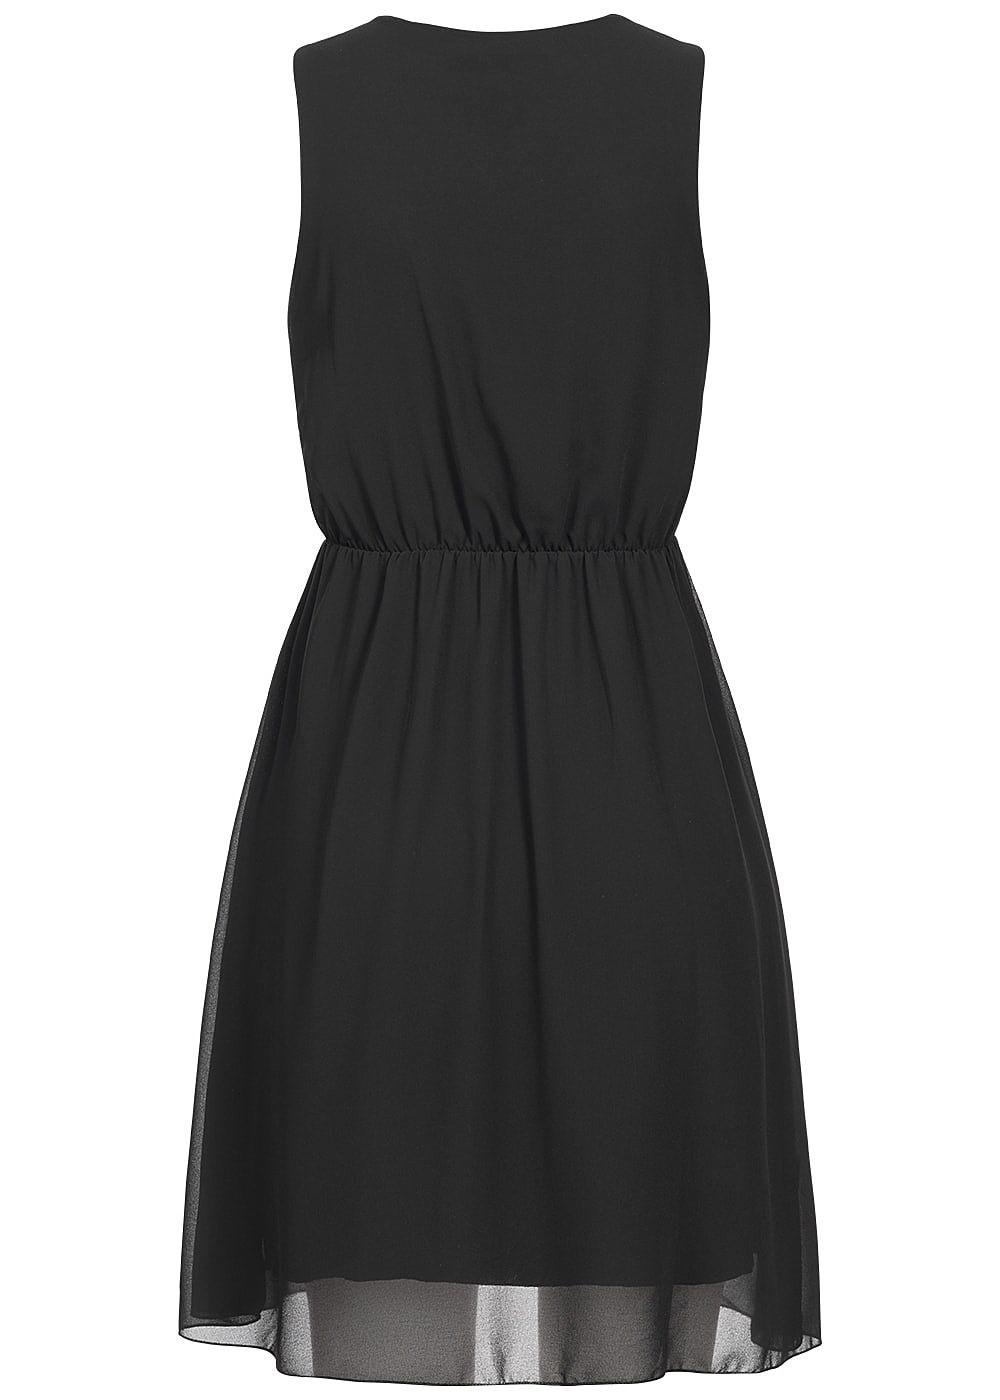 styleboom fashion damen kleid v ausschnitt zipper vorne schwarz 77onlineshop. Black Bedroom Furniture Sets. Home Design Ideas